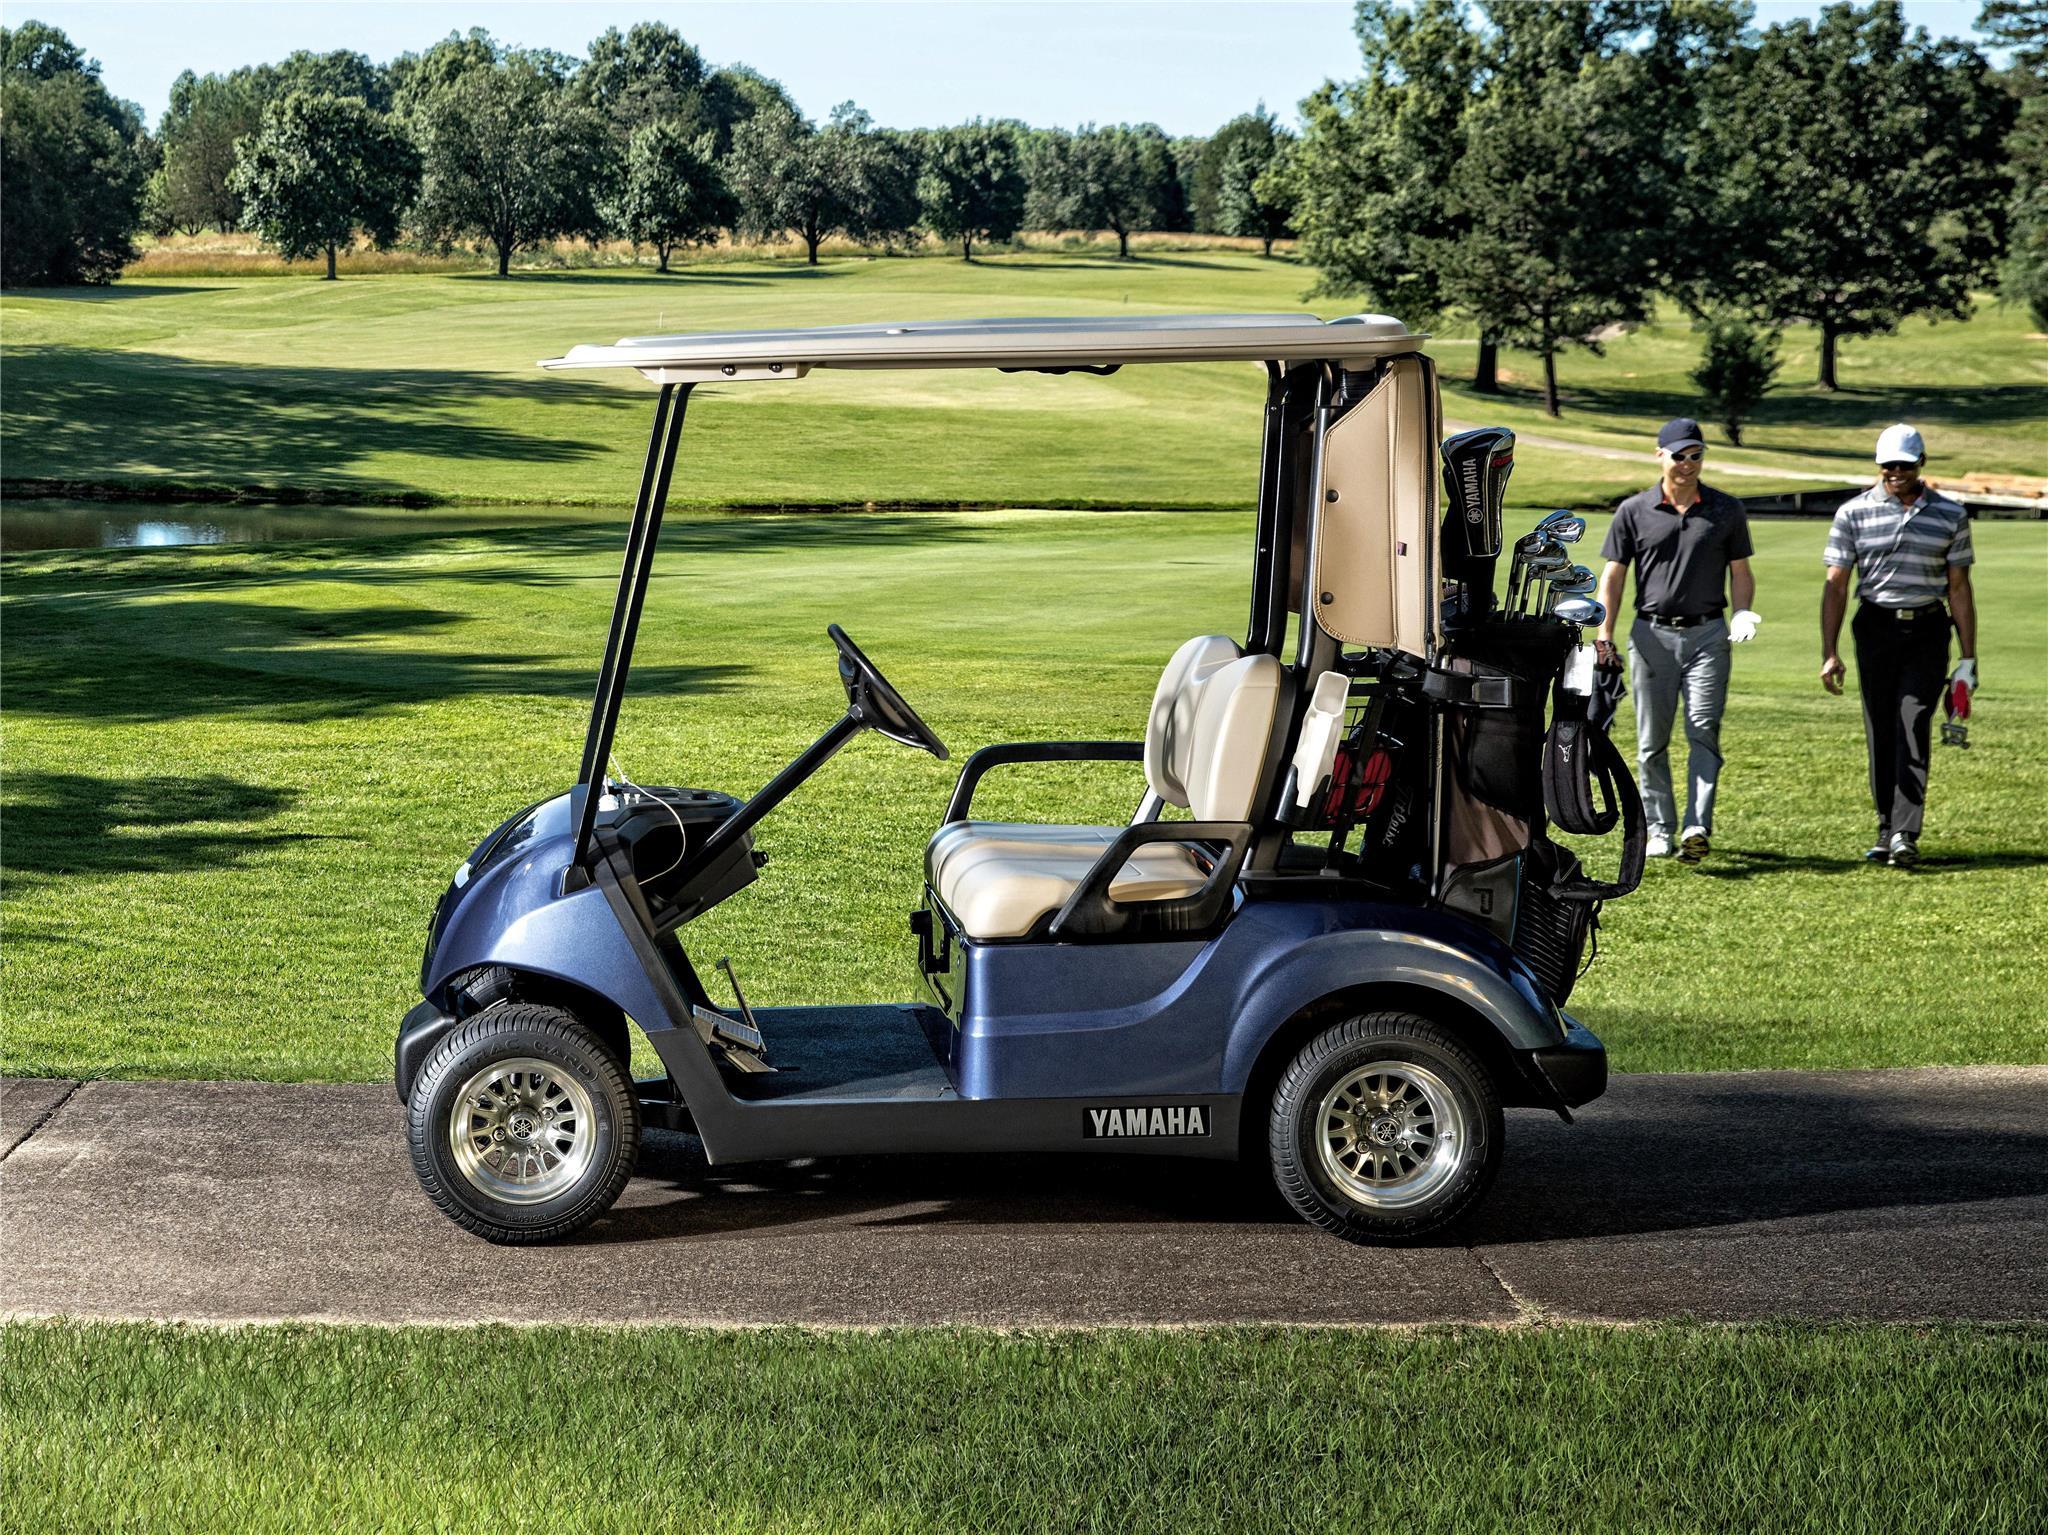 Golf The Drive 2 Fleet Yamaha Golf Car